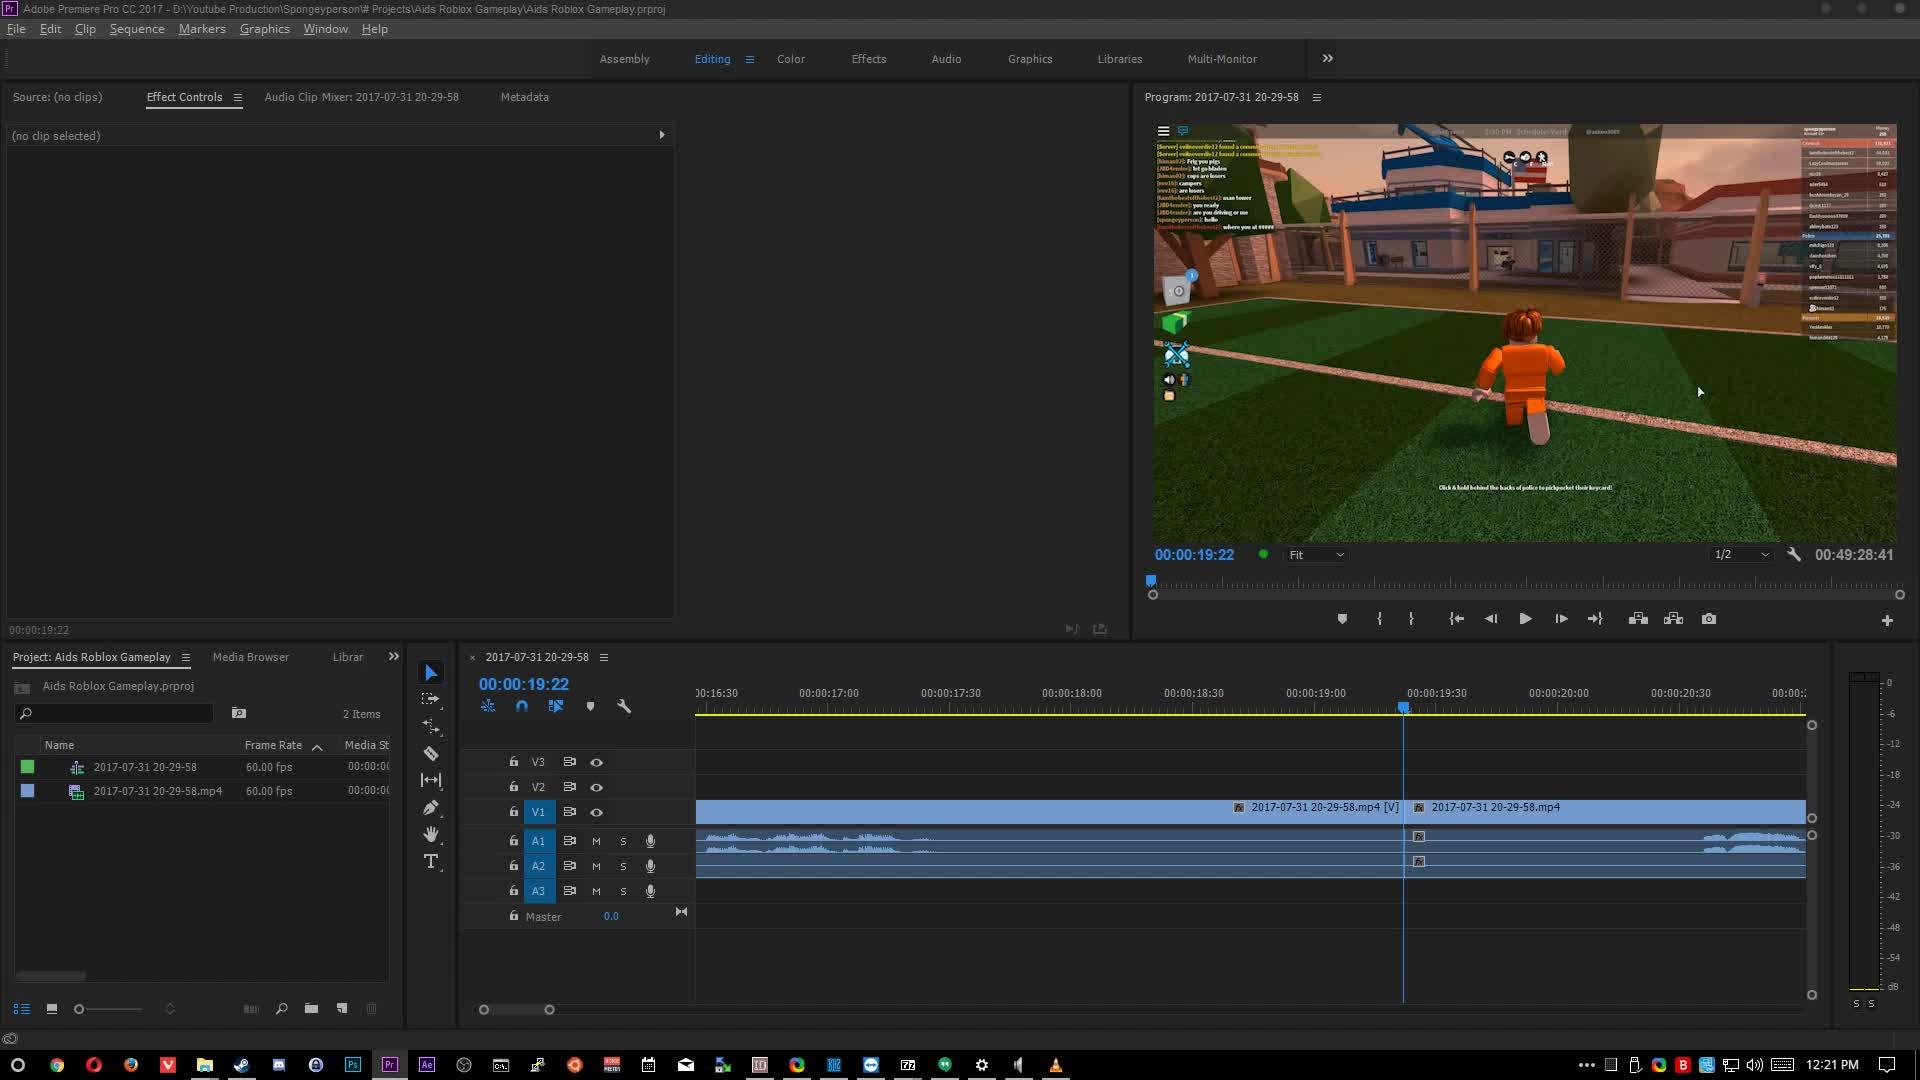 Premiere Pro, Premiere Pro CC 2017 Preview Window Jitters GIFs